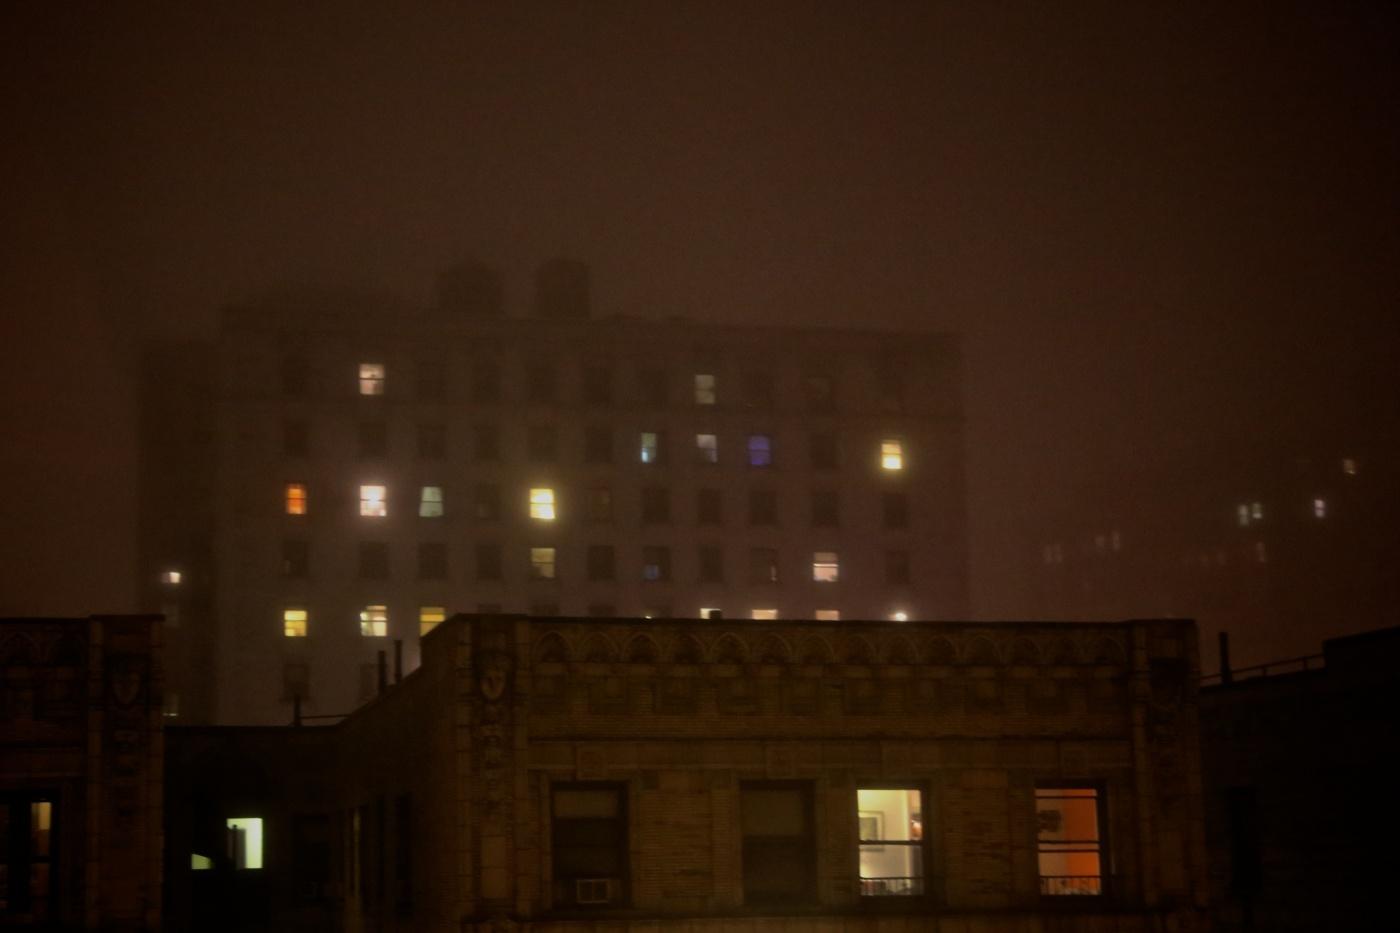 Day 110-4 foggy tonight b